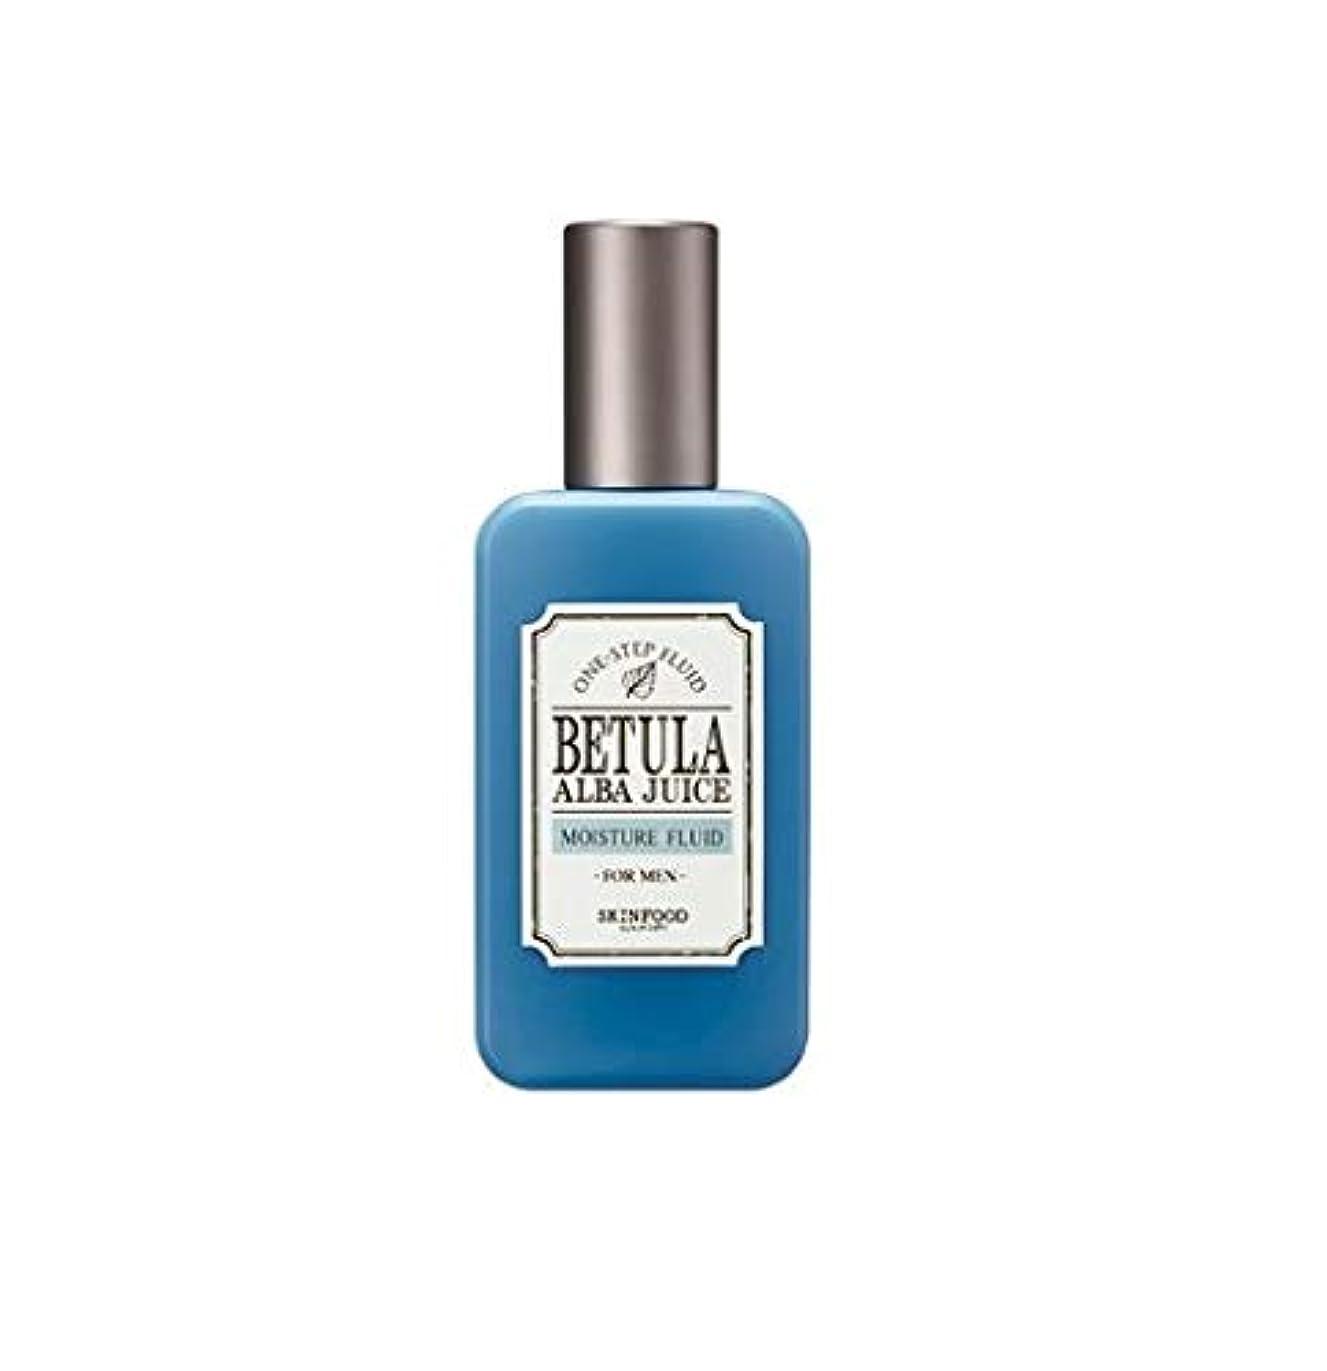 シュート検索建築家Skinfood ダケカンバジュース/Betula Alba Juice Moisture Fluid for Men 125ml [並行輸入品]